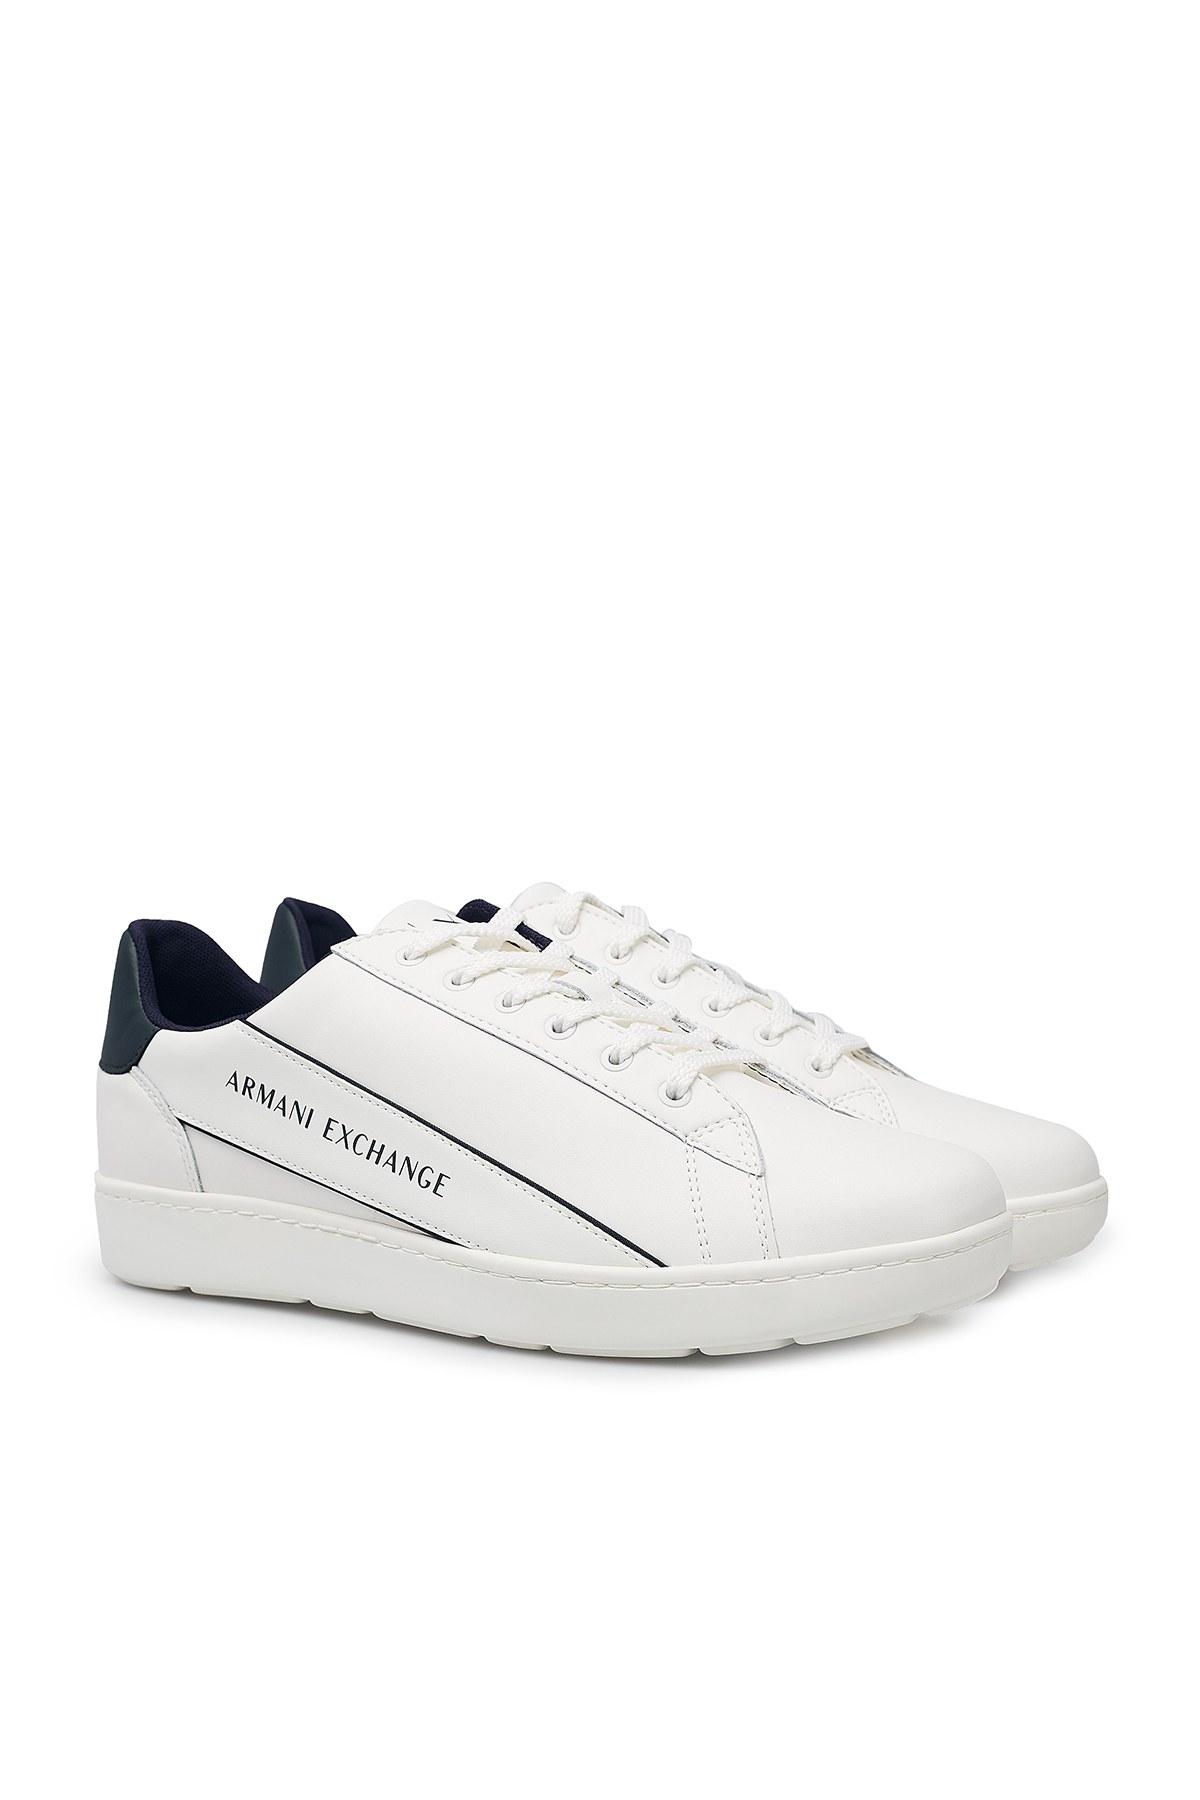 Armani Exchange Erkek Ayakkabı XUX082 XV262 A170 BEYAZ